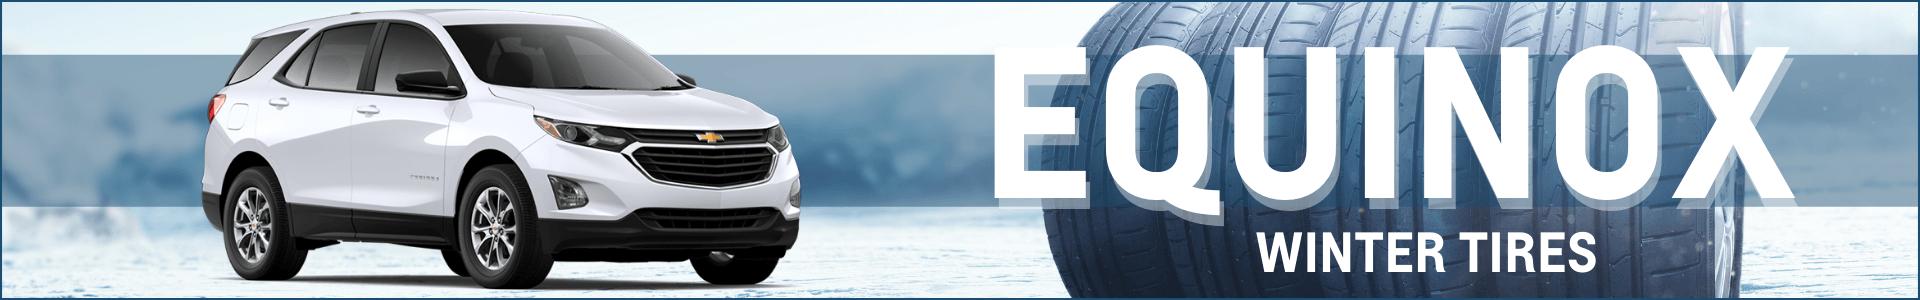 Winter tire deals equinox